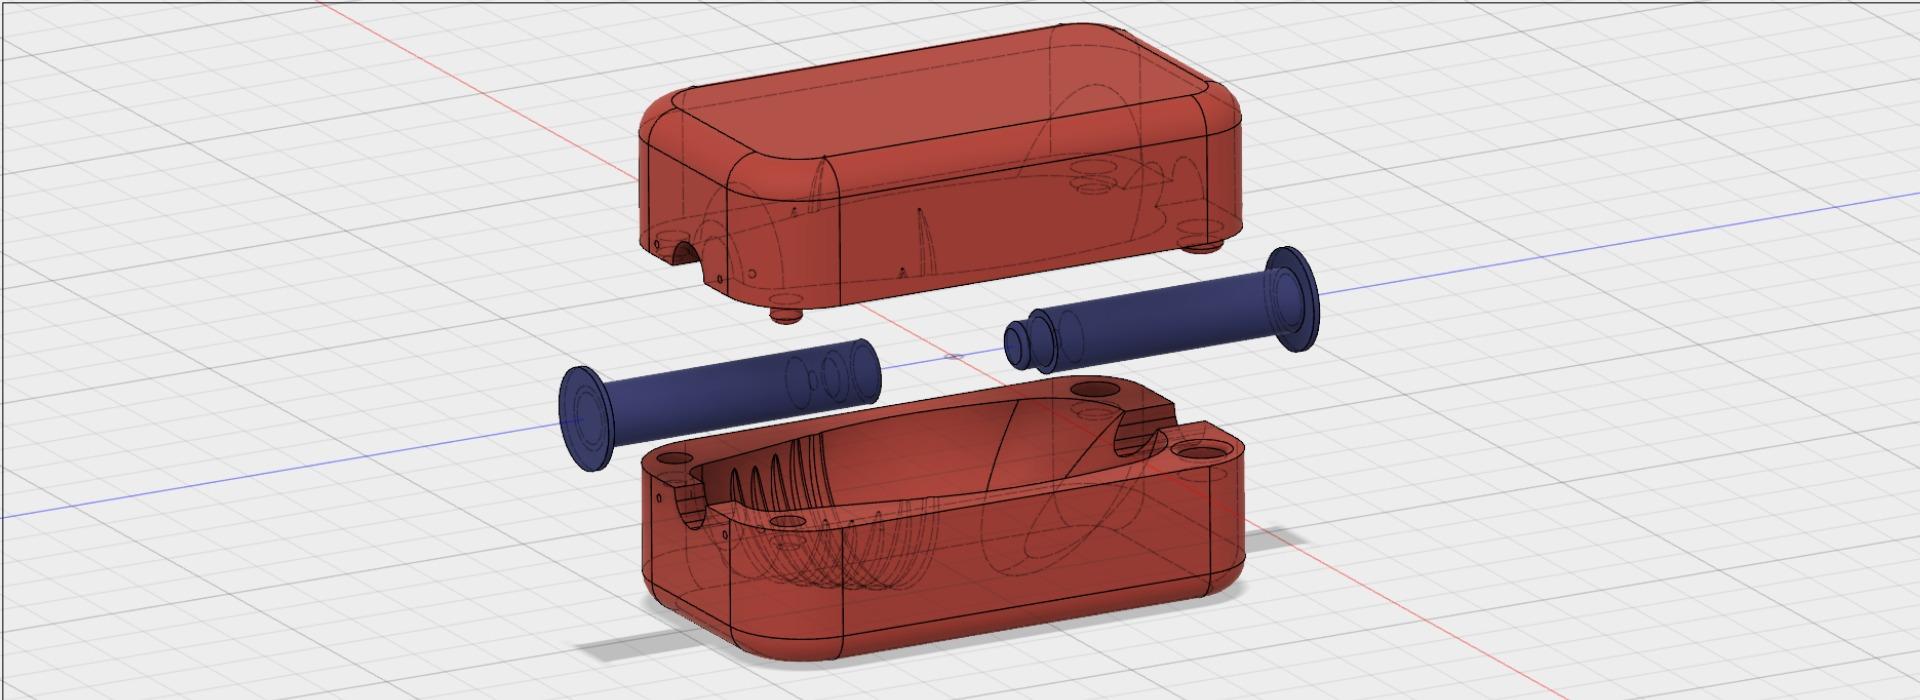 Modelación 3D optmizada para impresión 3D